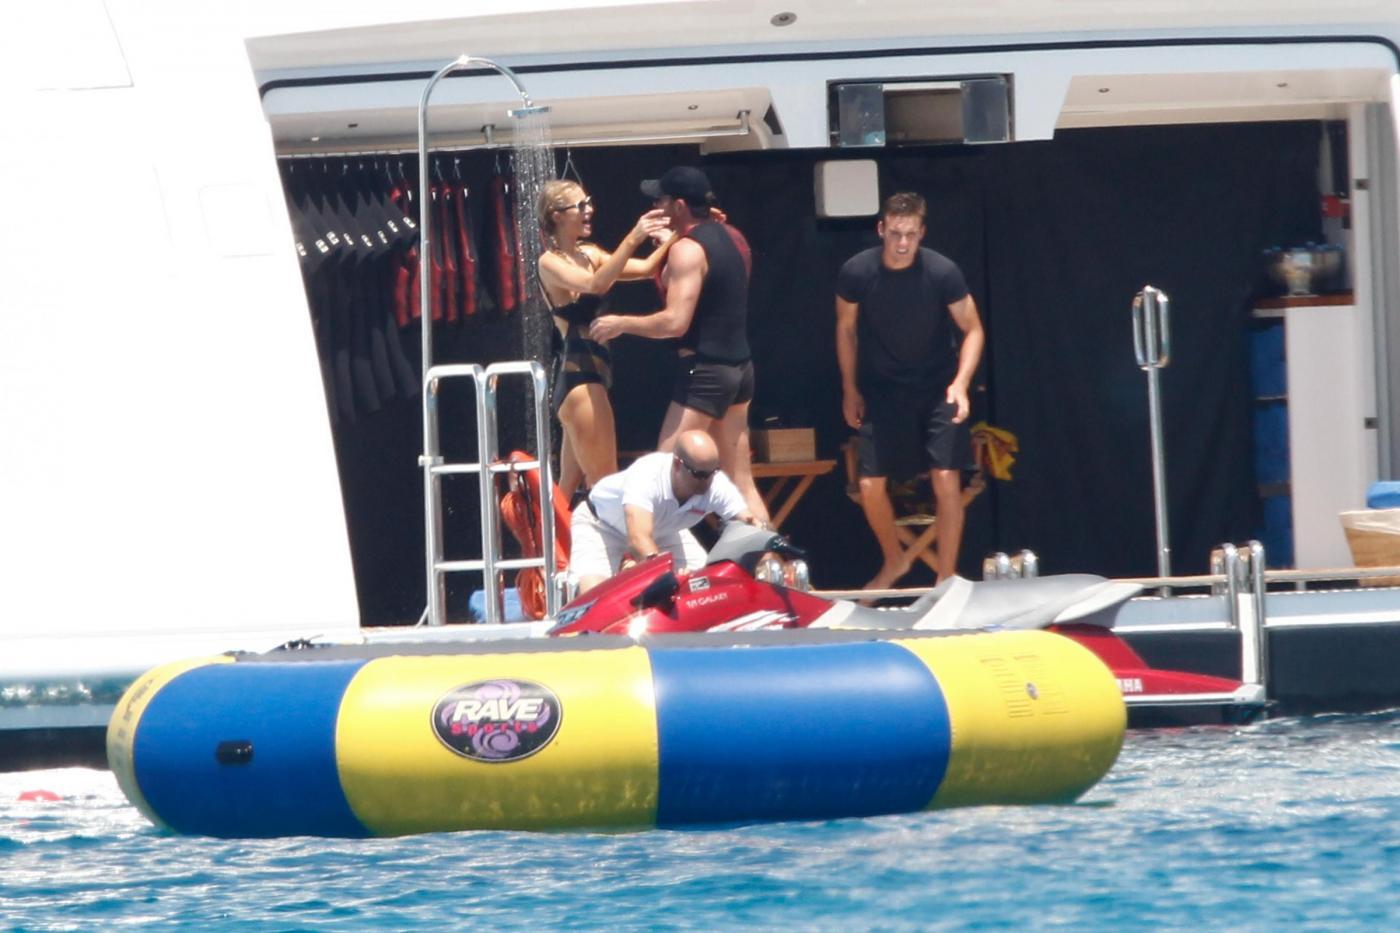 Paris Hilton e fidanzato a Formentera: sole, amore e yacht da sogno23